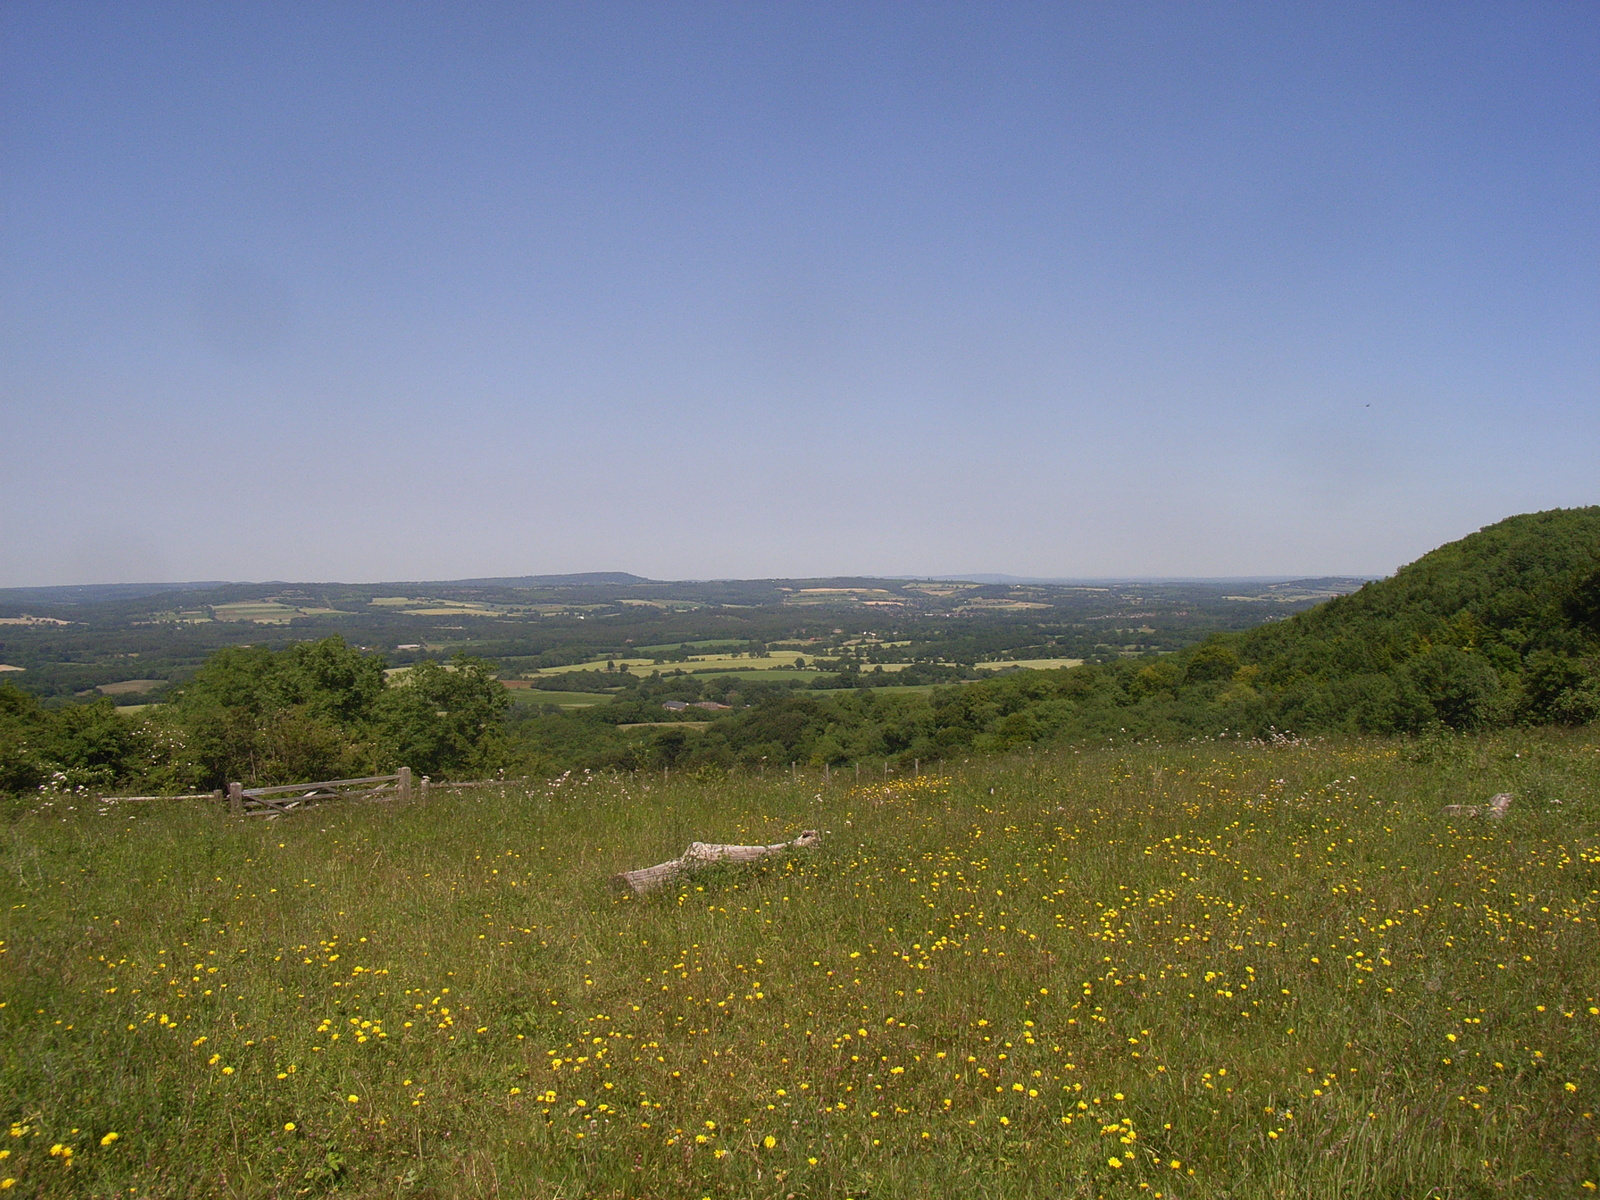 looking towards midhurst